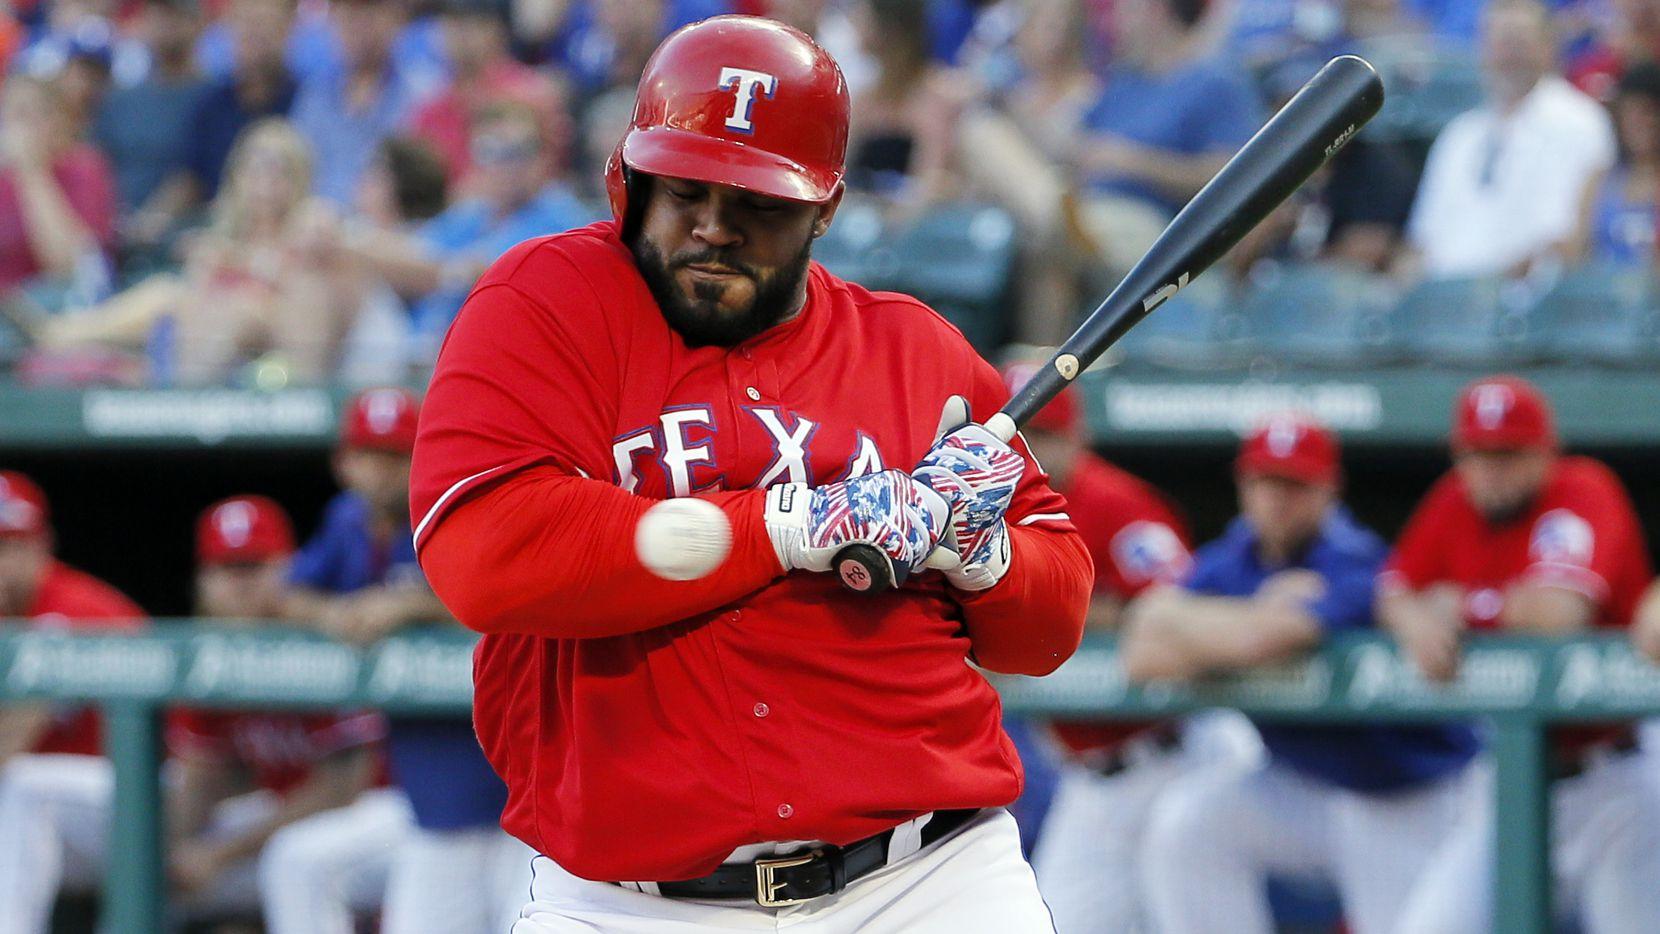 El pelotero Prince Fielder fue golpeado por un lanzamiento en el partido de los Rangers de Tecas ante los Twins de Minnesota, el 7 de julio.